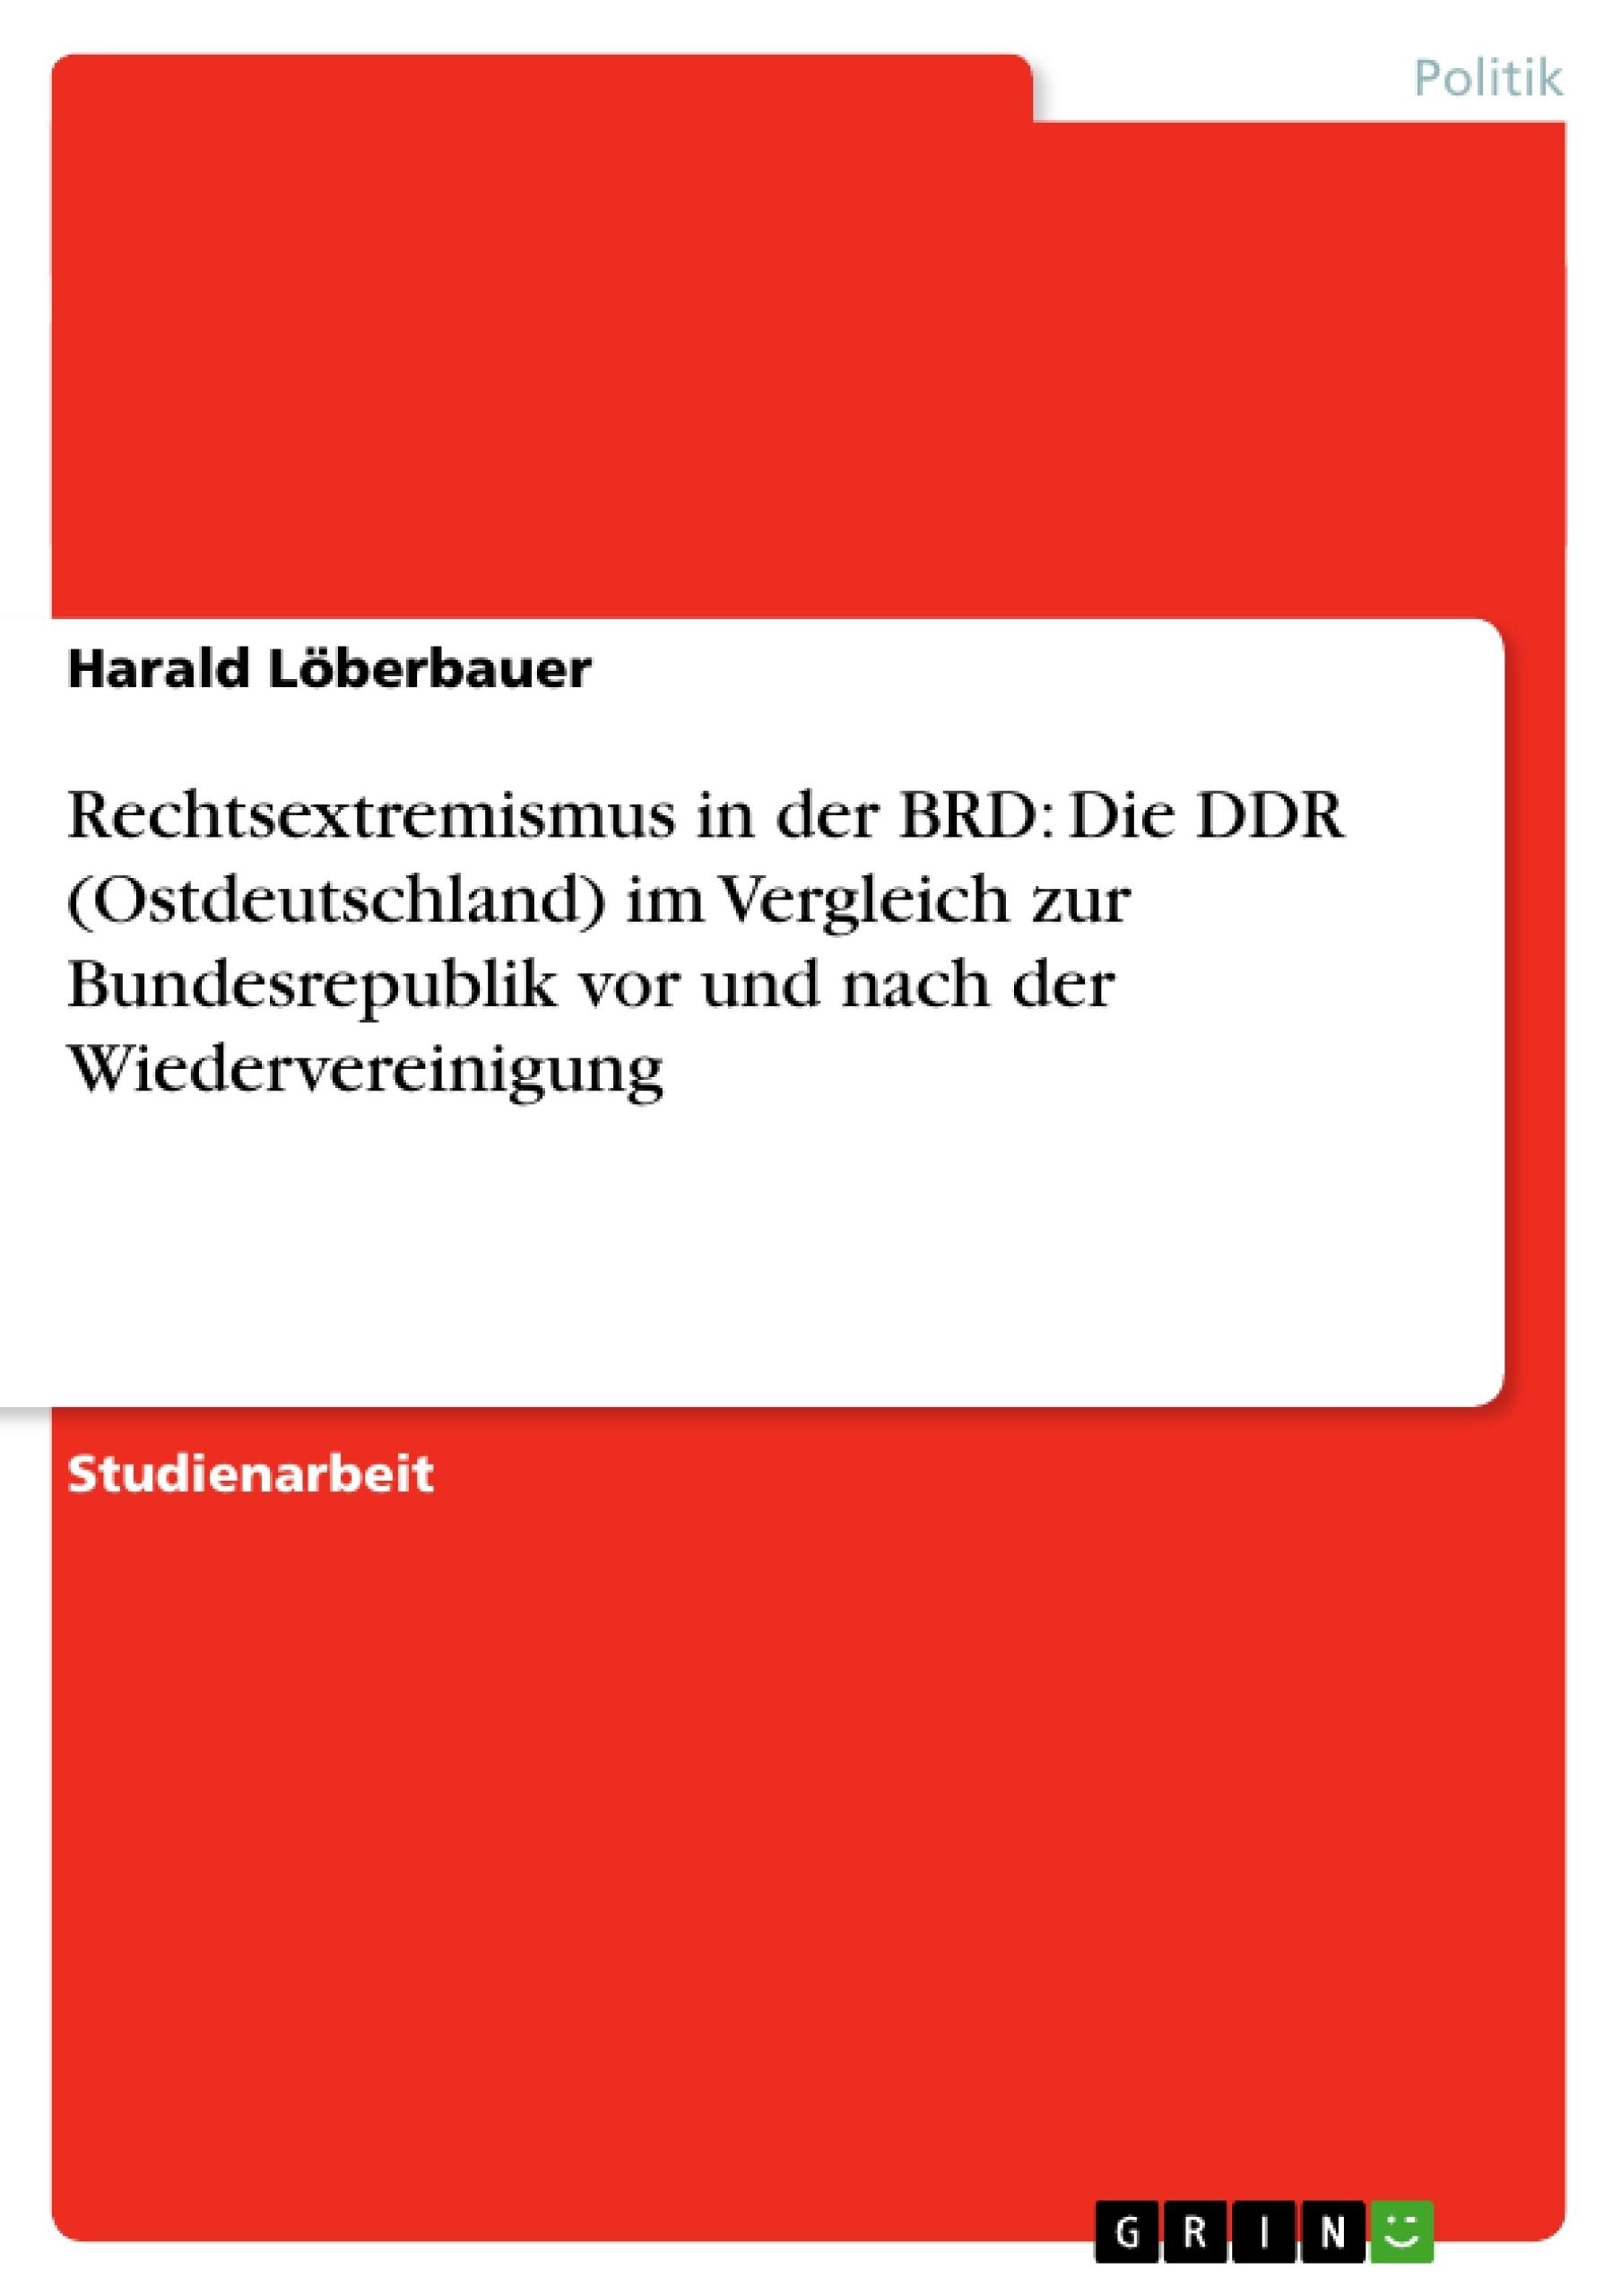 Titel: Rechtsextremismus in der BRD: Die DDR (Ostdeutschland) im Vergleich zur Bundesrepublik vor und nach der Wiedervereinigung